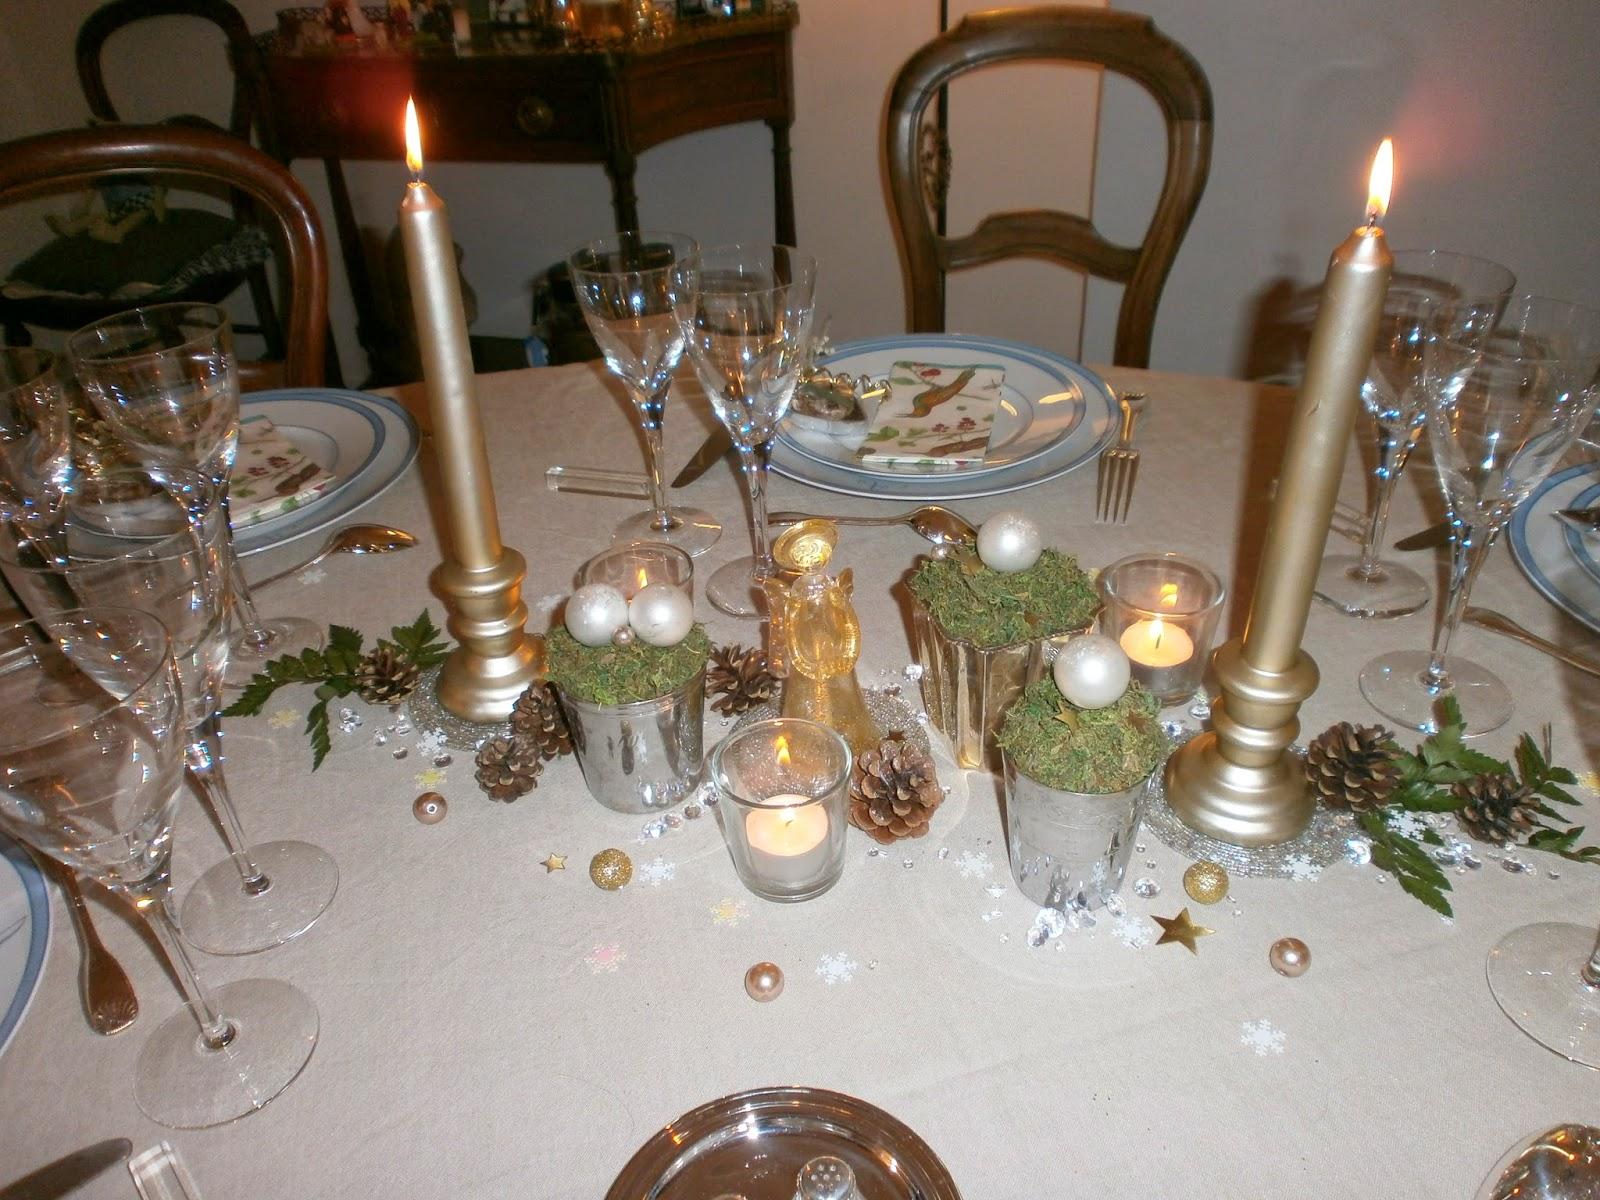 Les anges dans nos campagnes pour une table de nouvel an les tables de mon mari - Table nouvel an ...